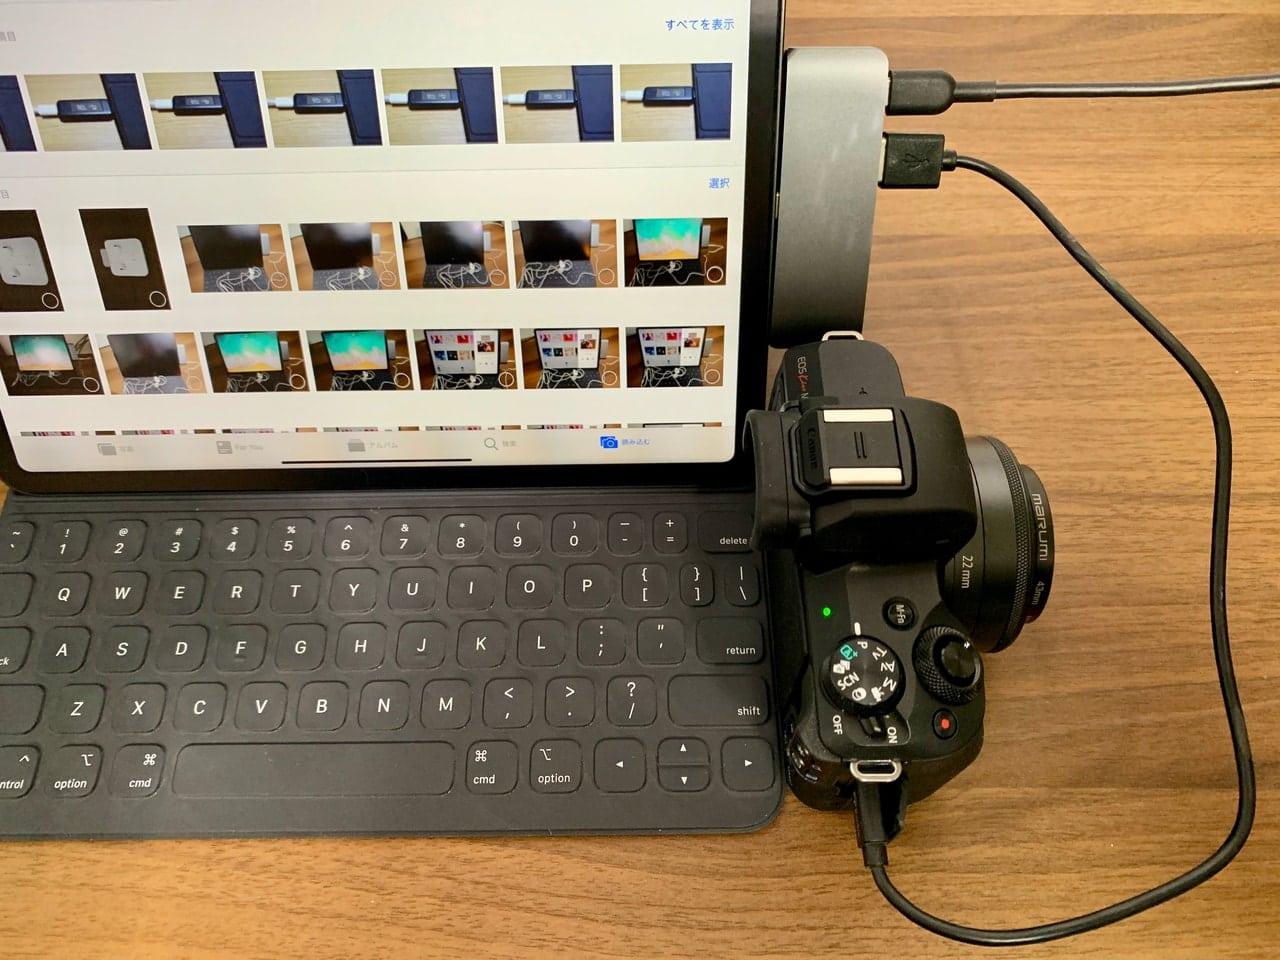 iPad Proに特化した「Satechi アルミニウム Type-C モバイル Proハブ」にカメラを接続